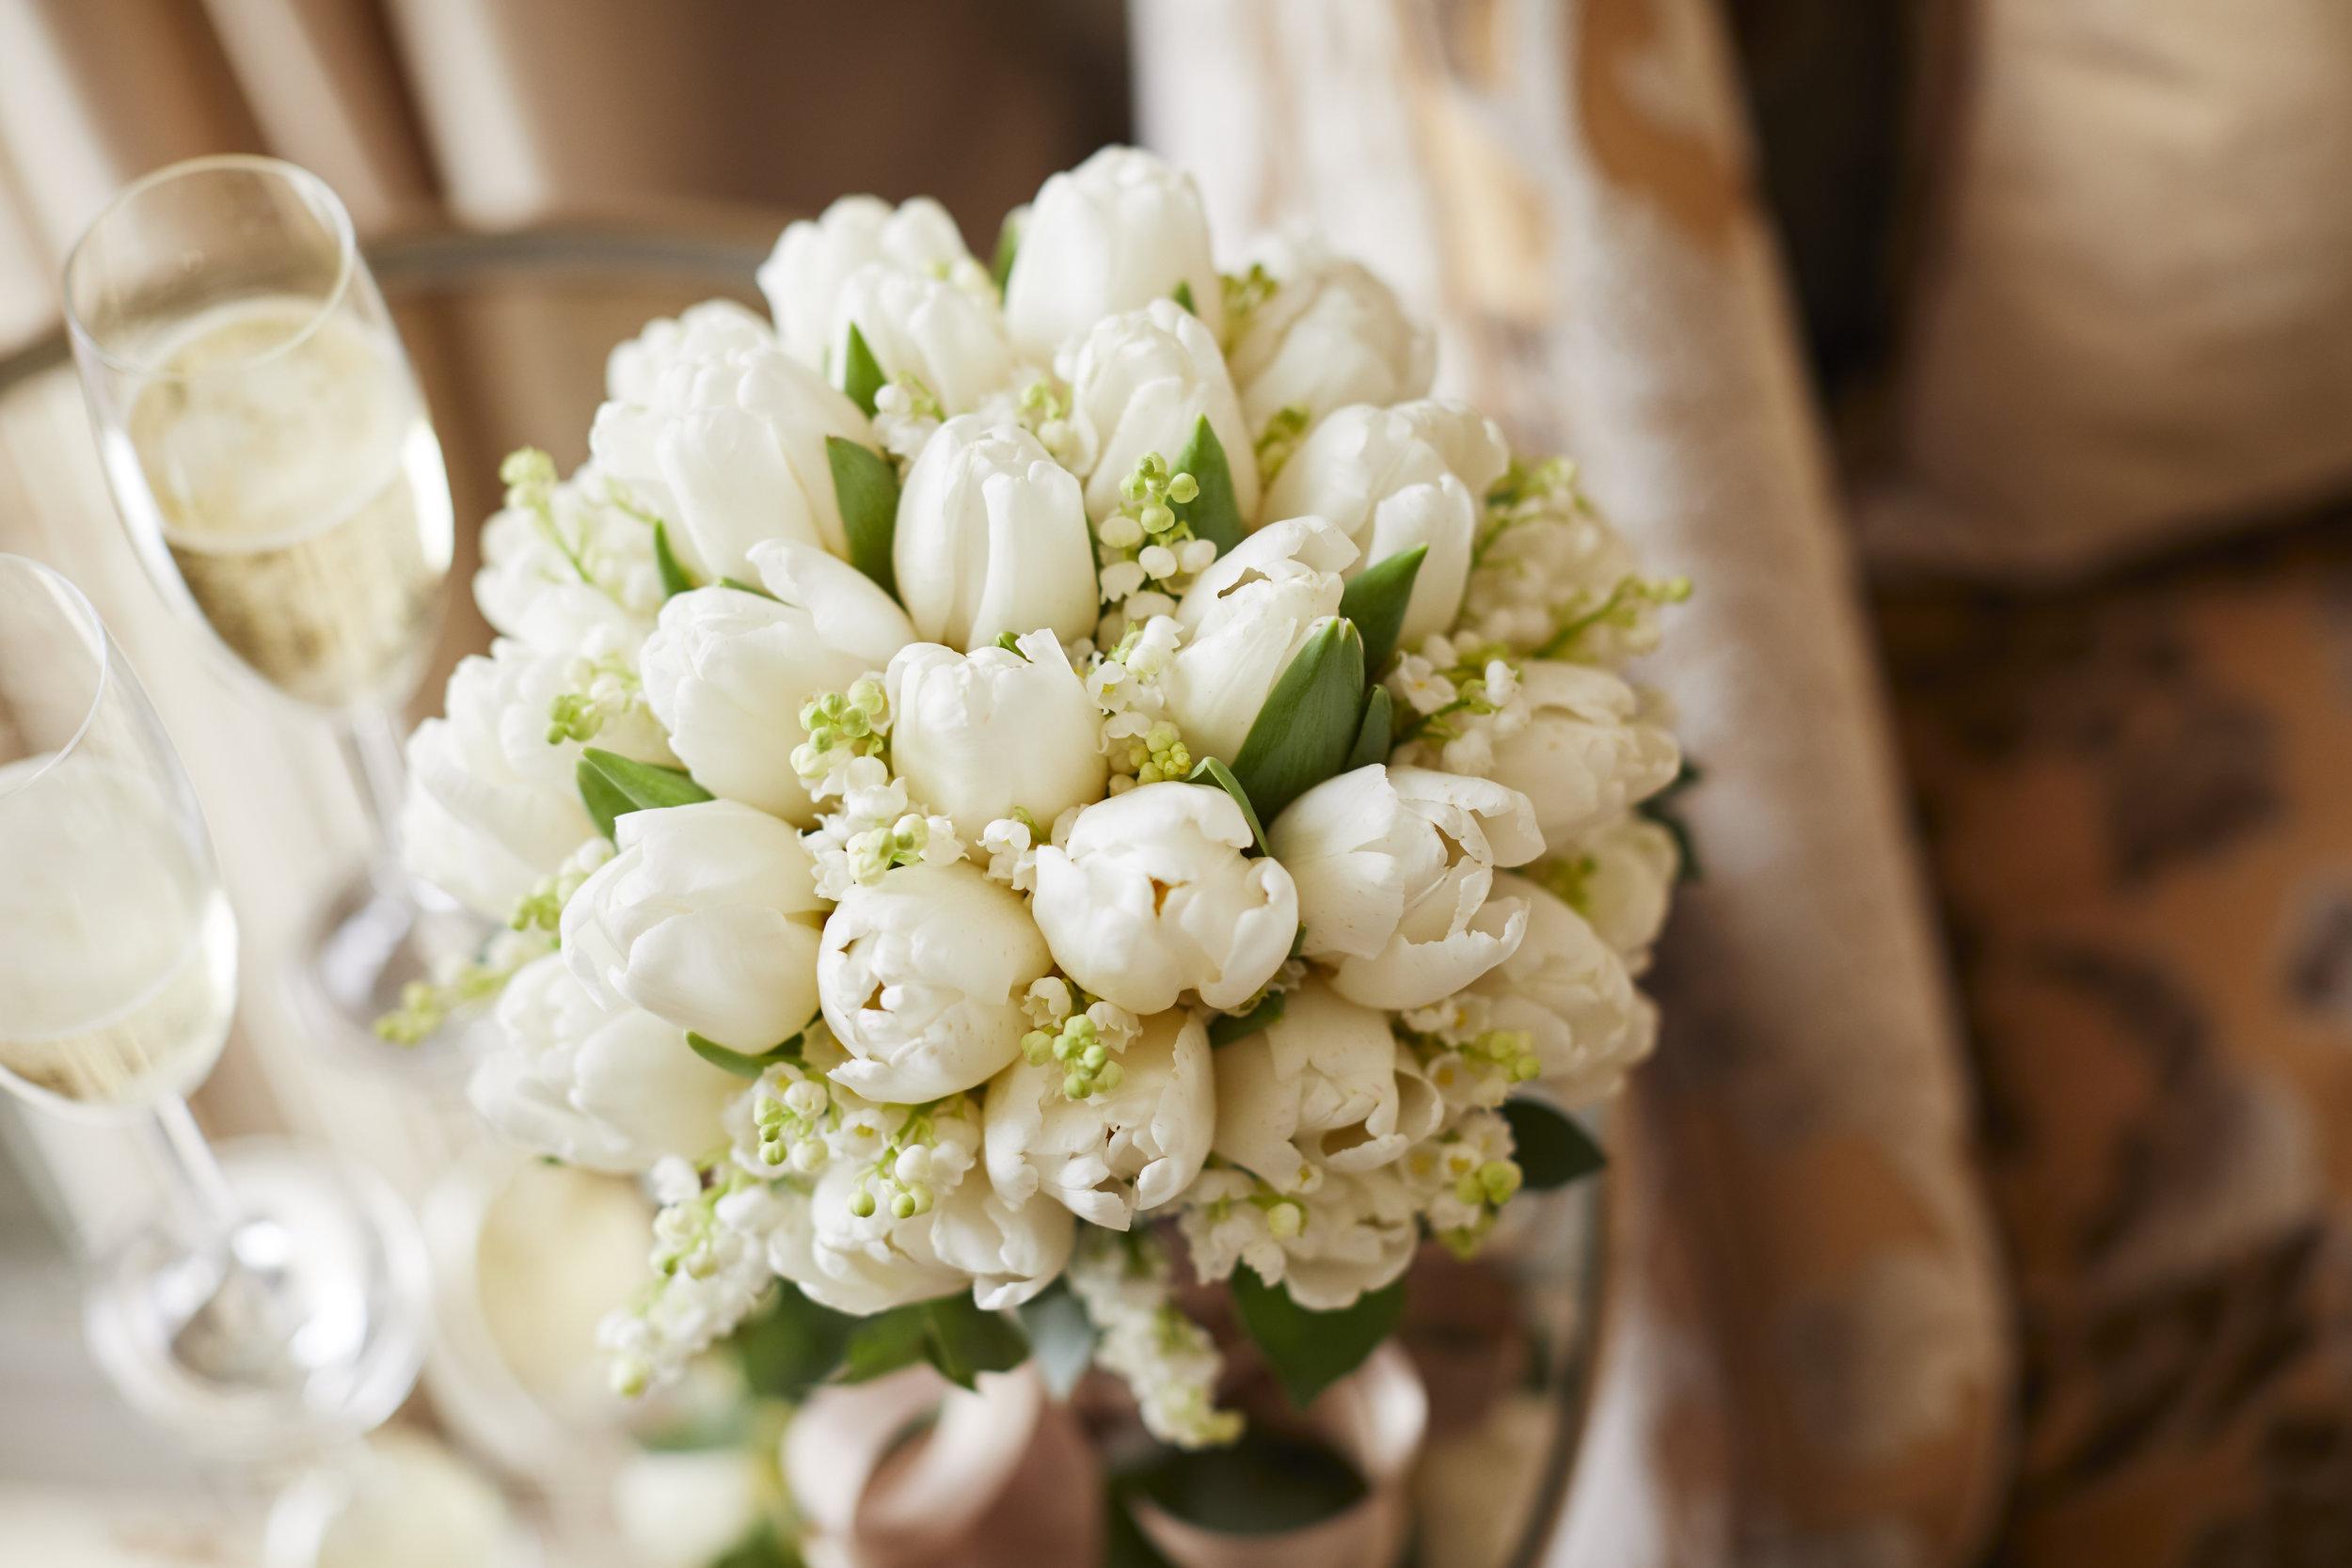 20190117-bouquet545-hrj.jpg